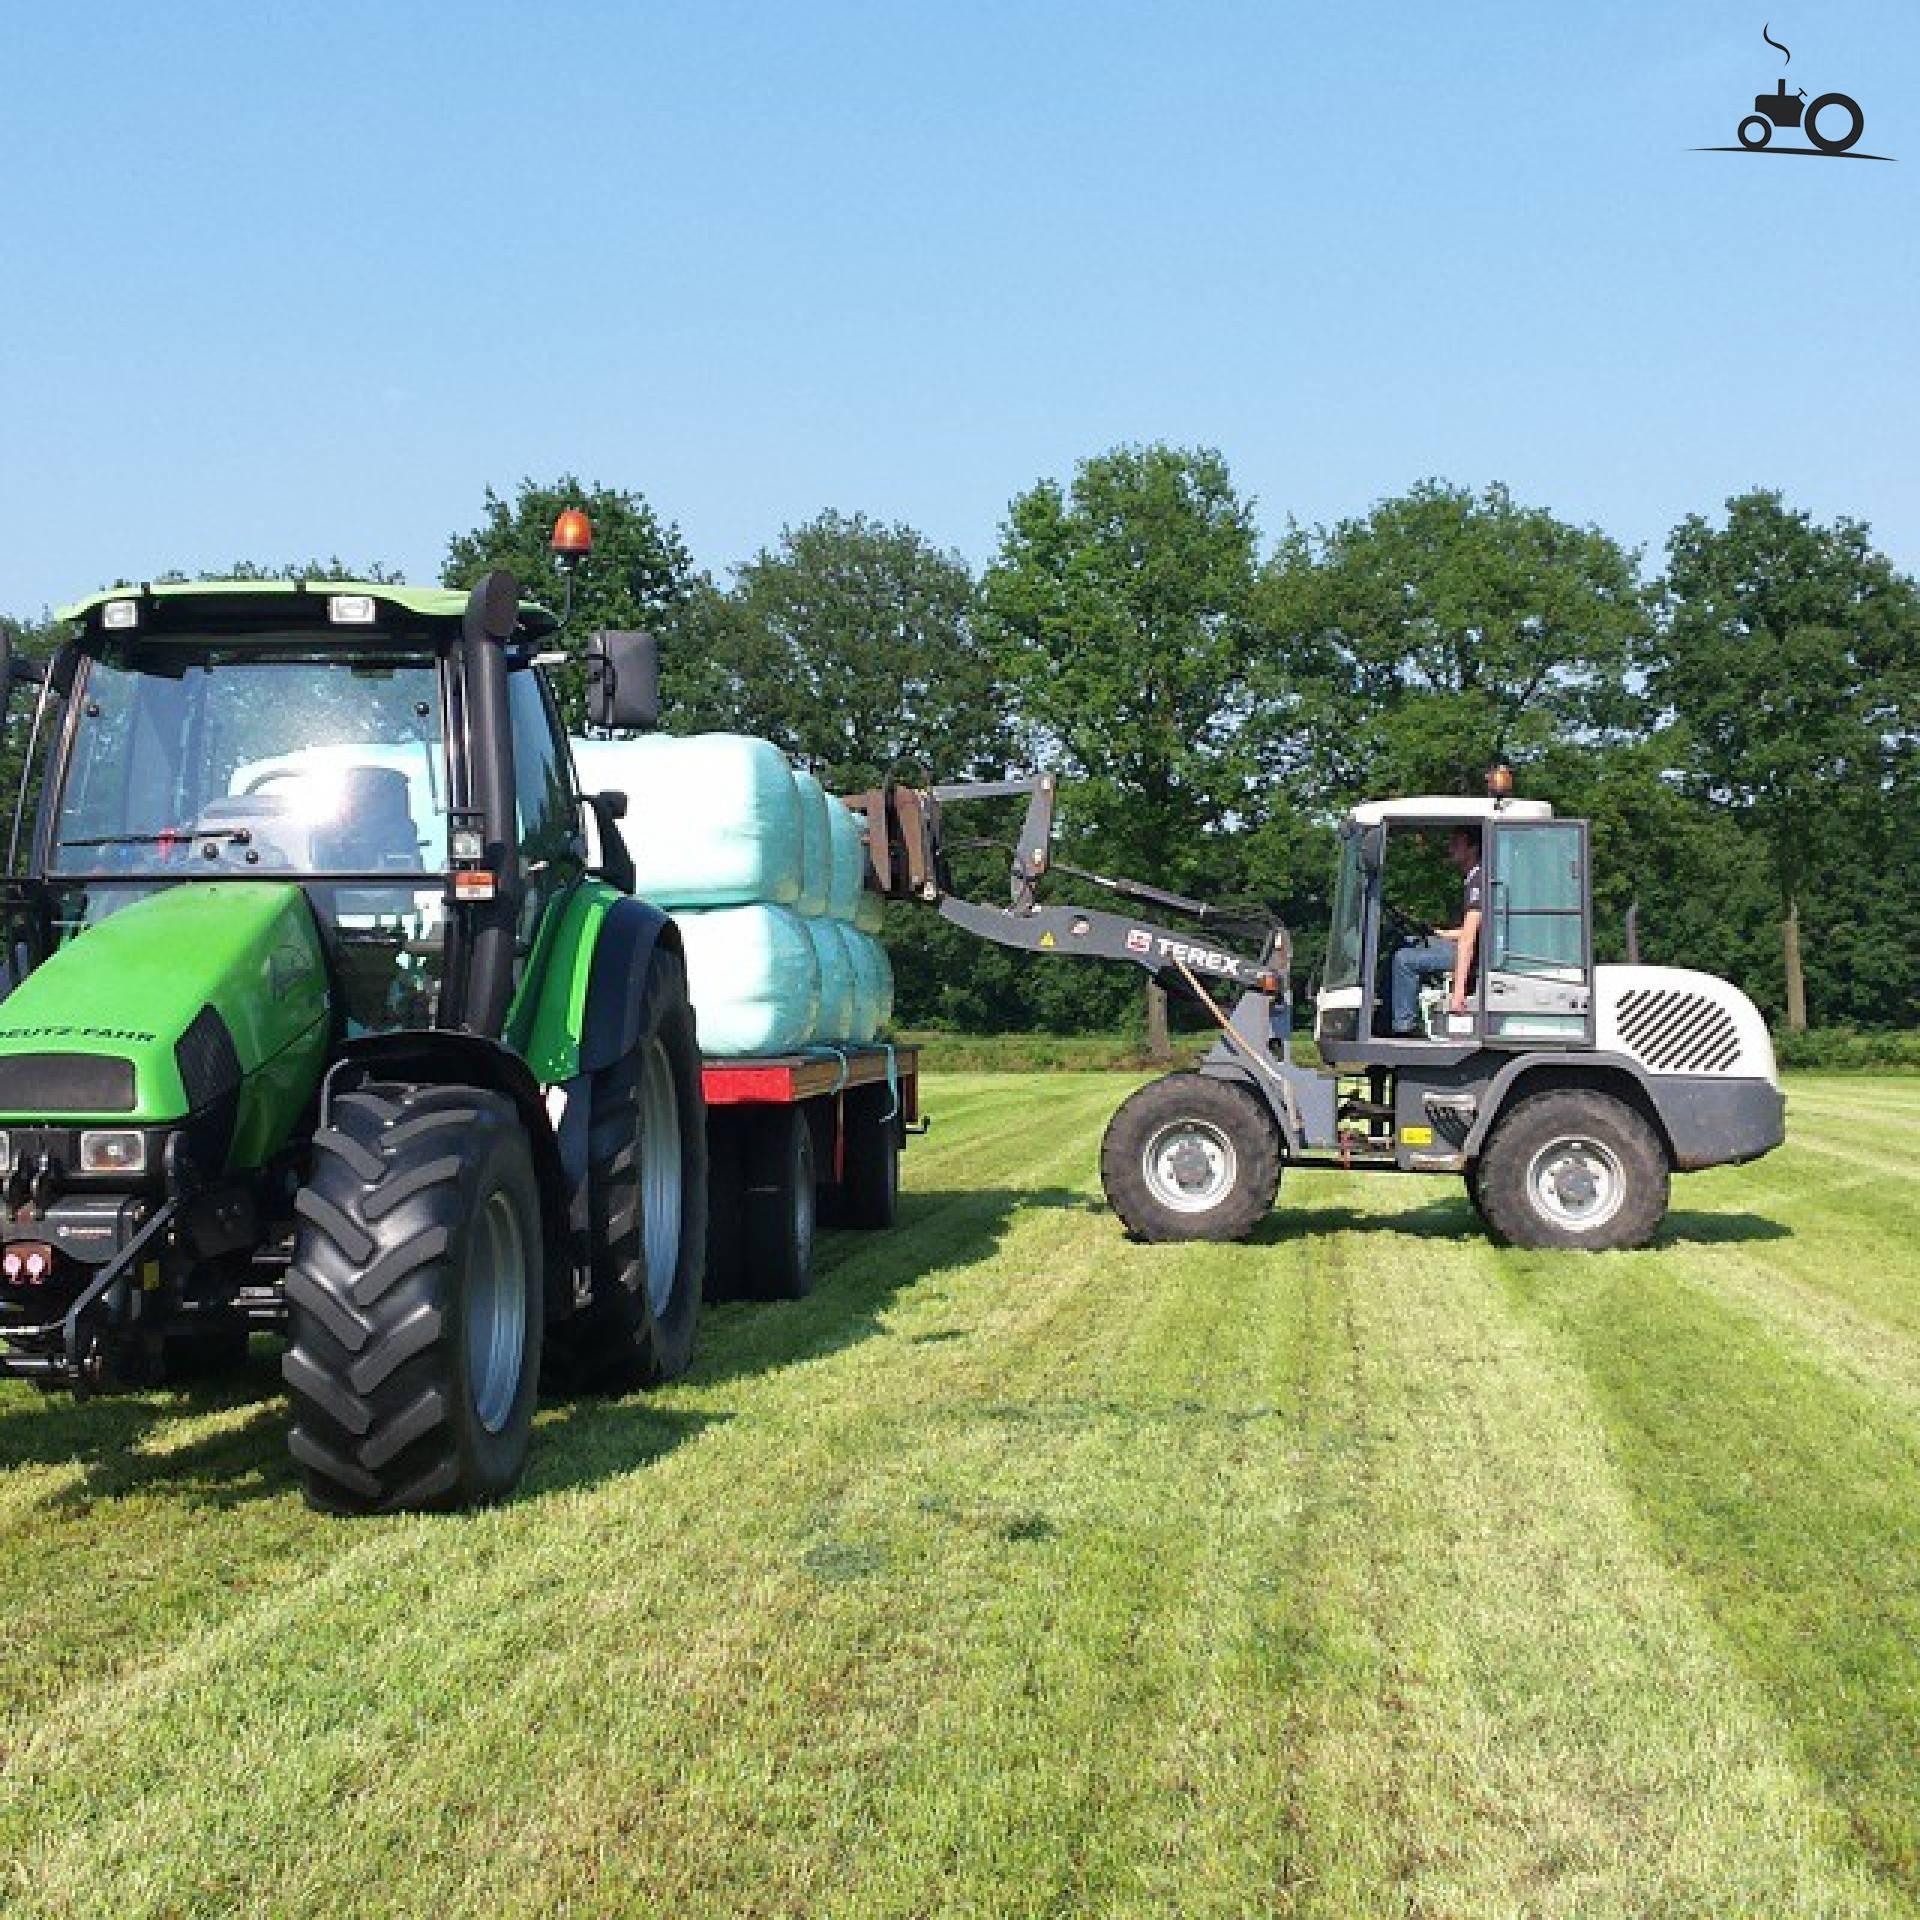 Deutz-Fahr Agrotron 80-105